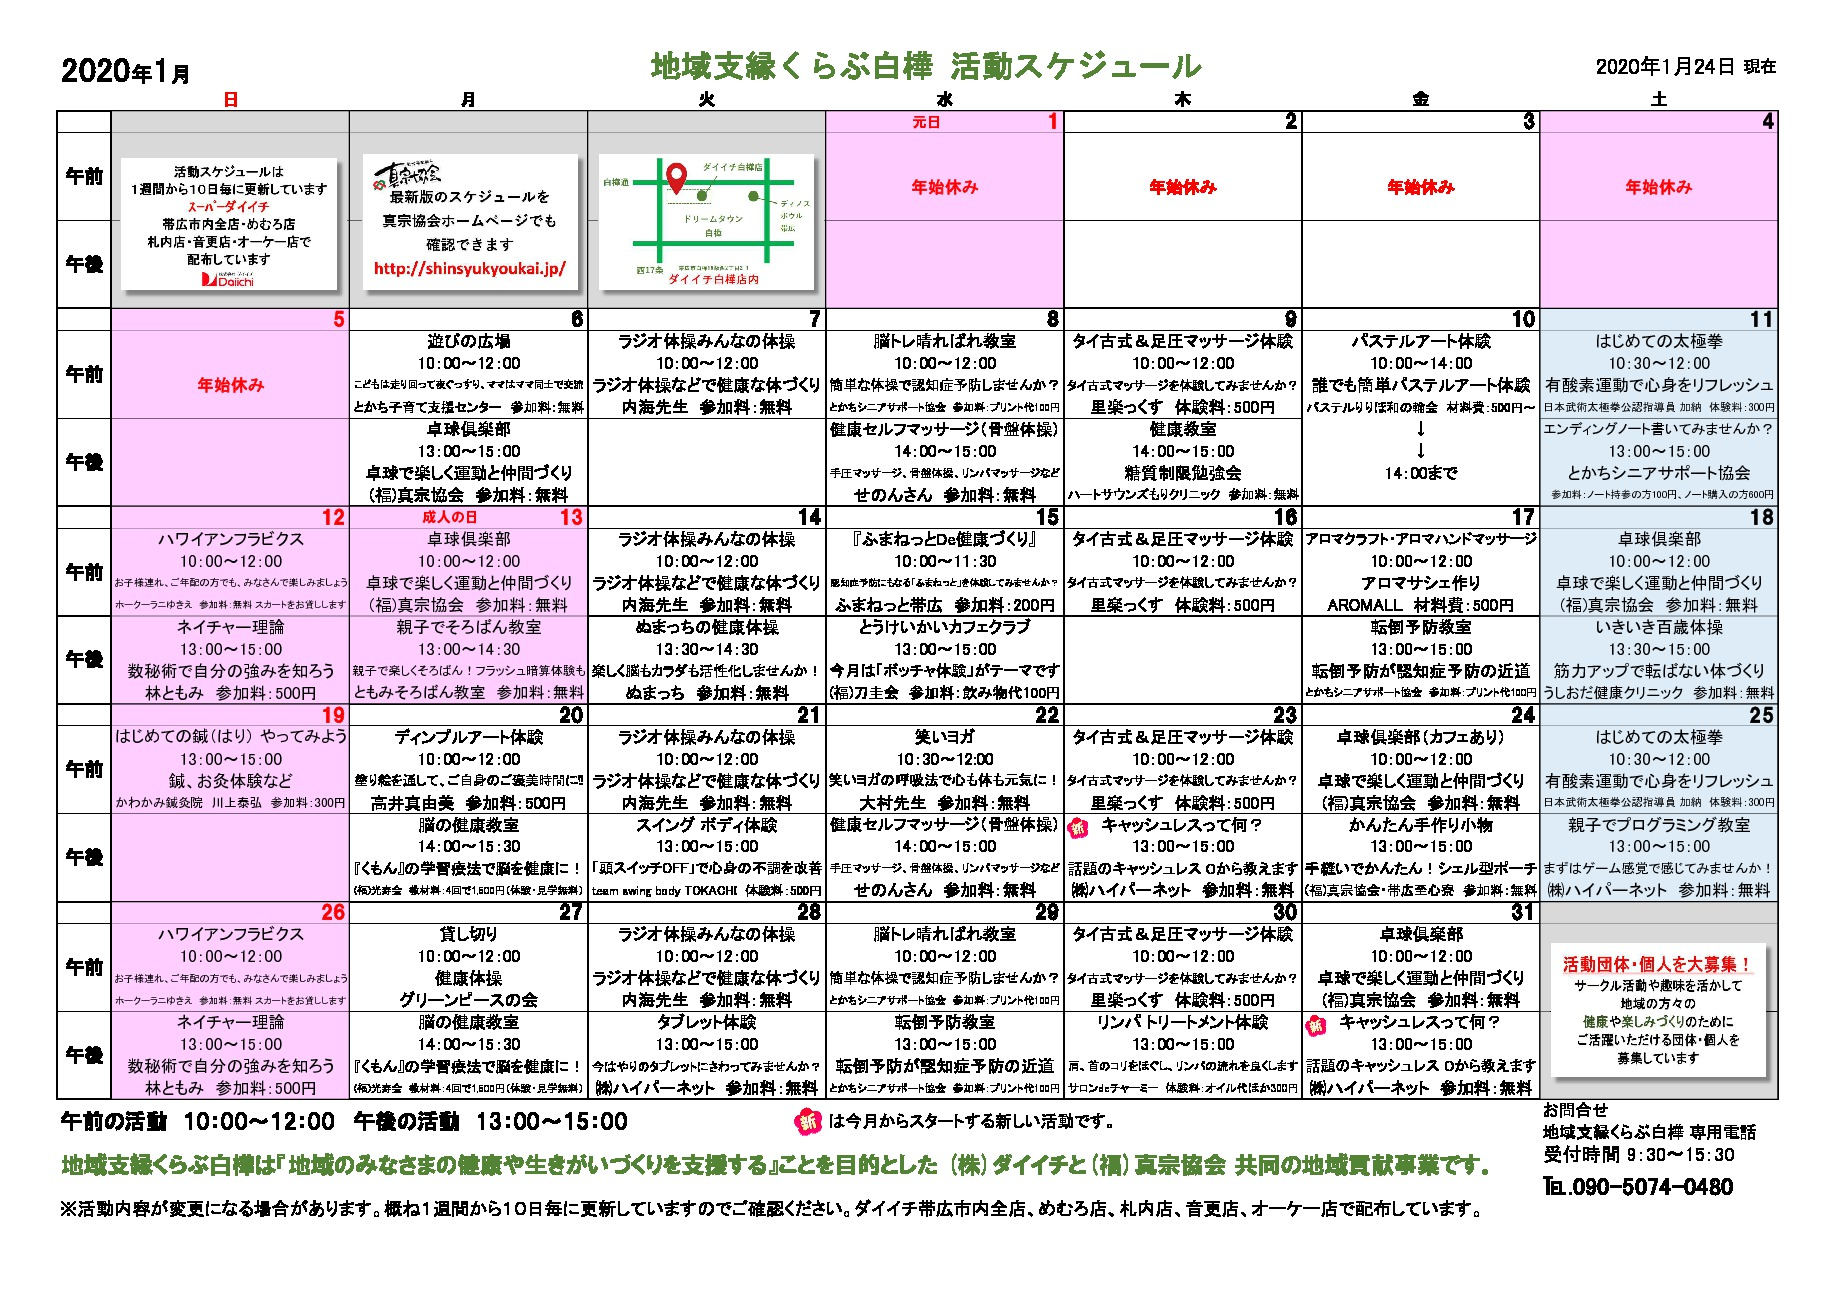 2019活動スケジュール1(2020.1.24付)のサムネイル